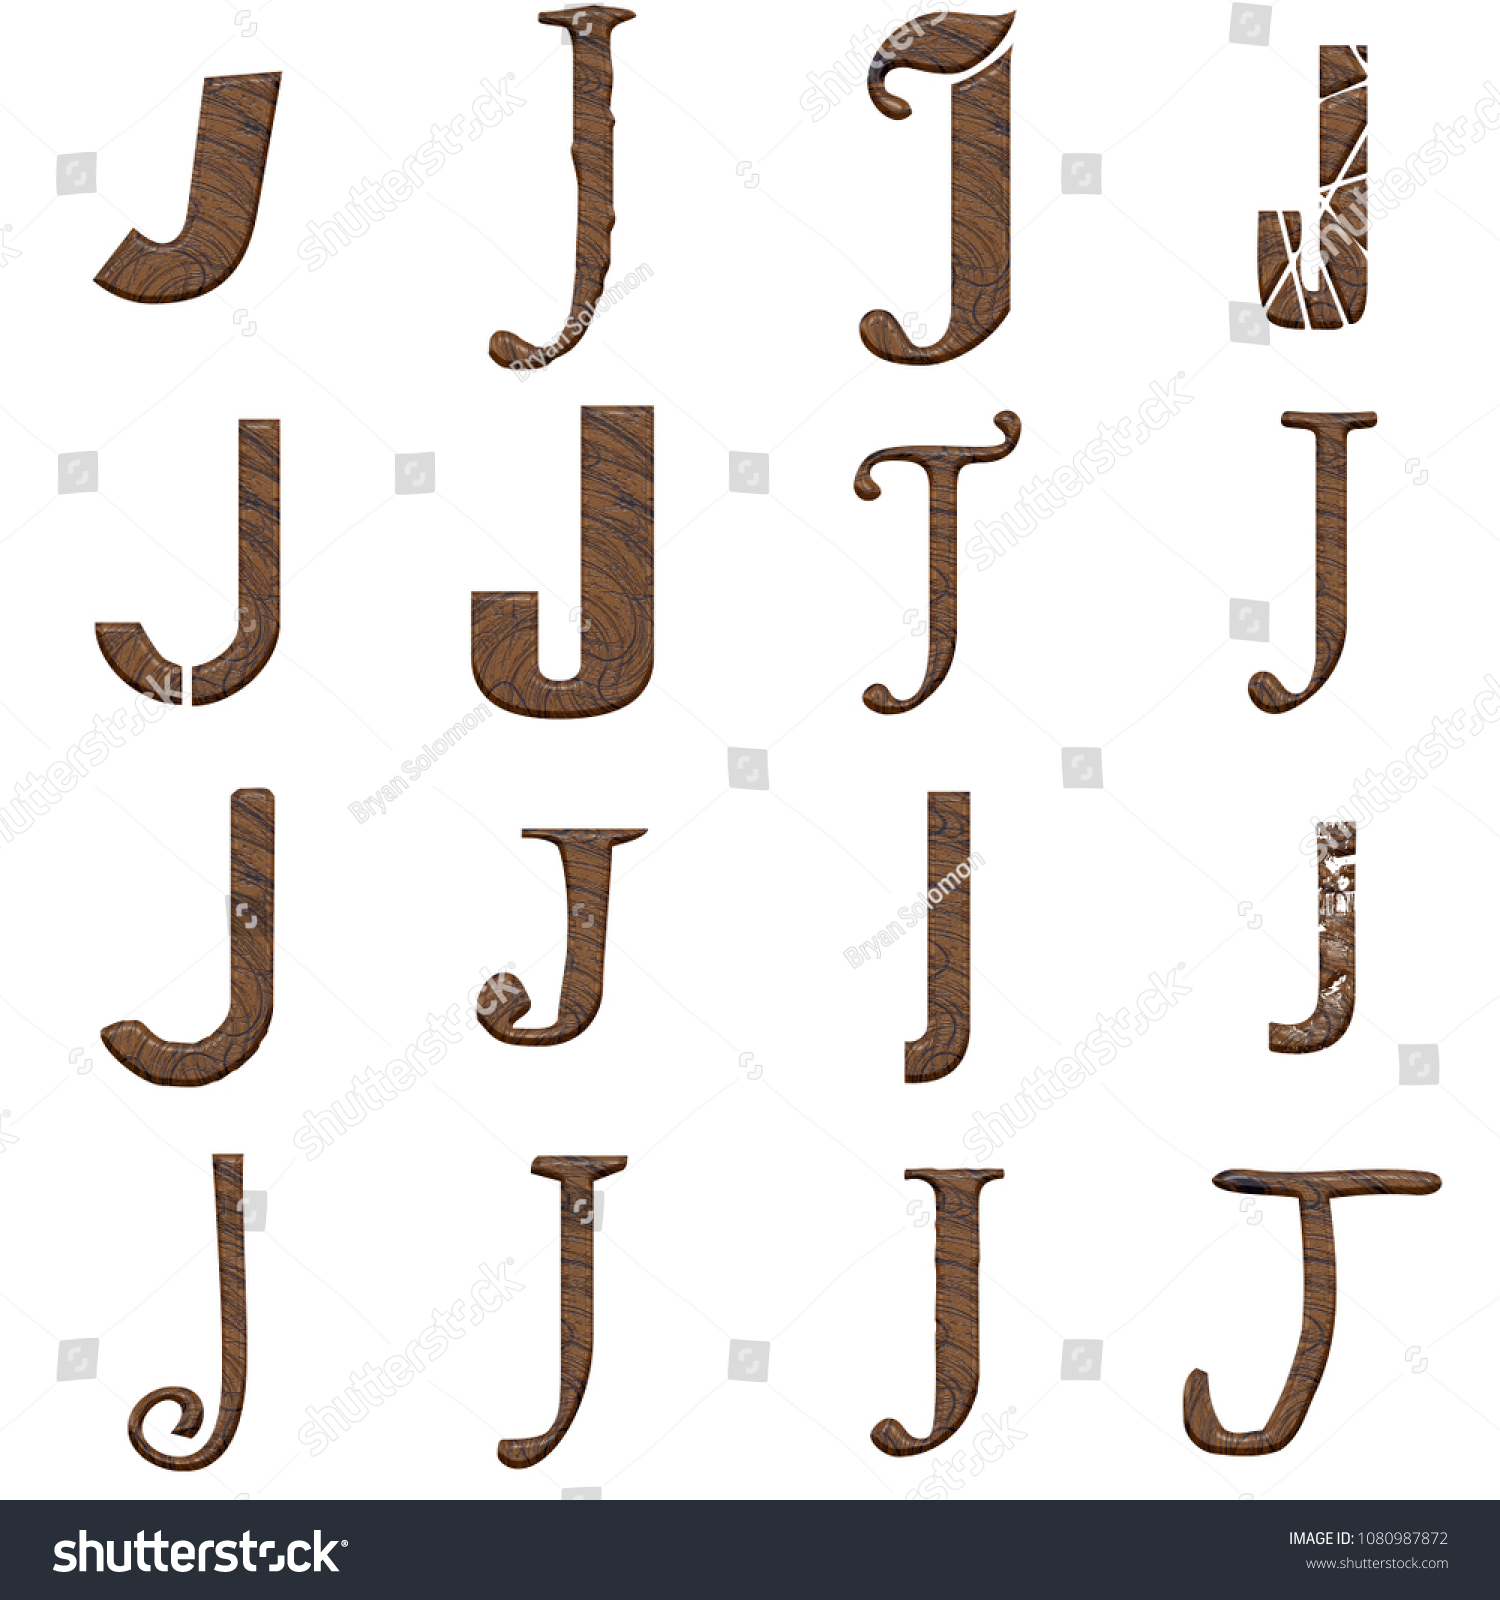 Wood Letter J Set Multiple Various Stock Illustration 1080987872